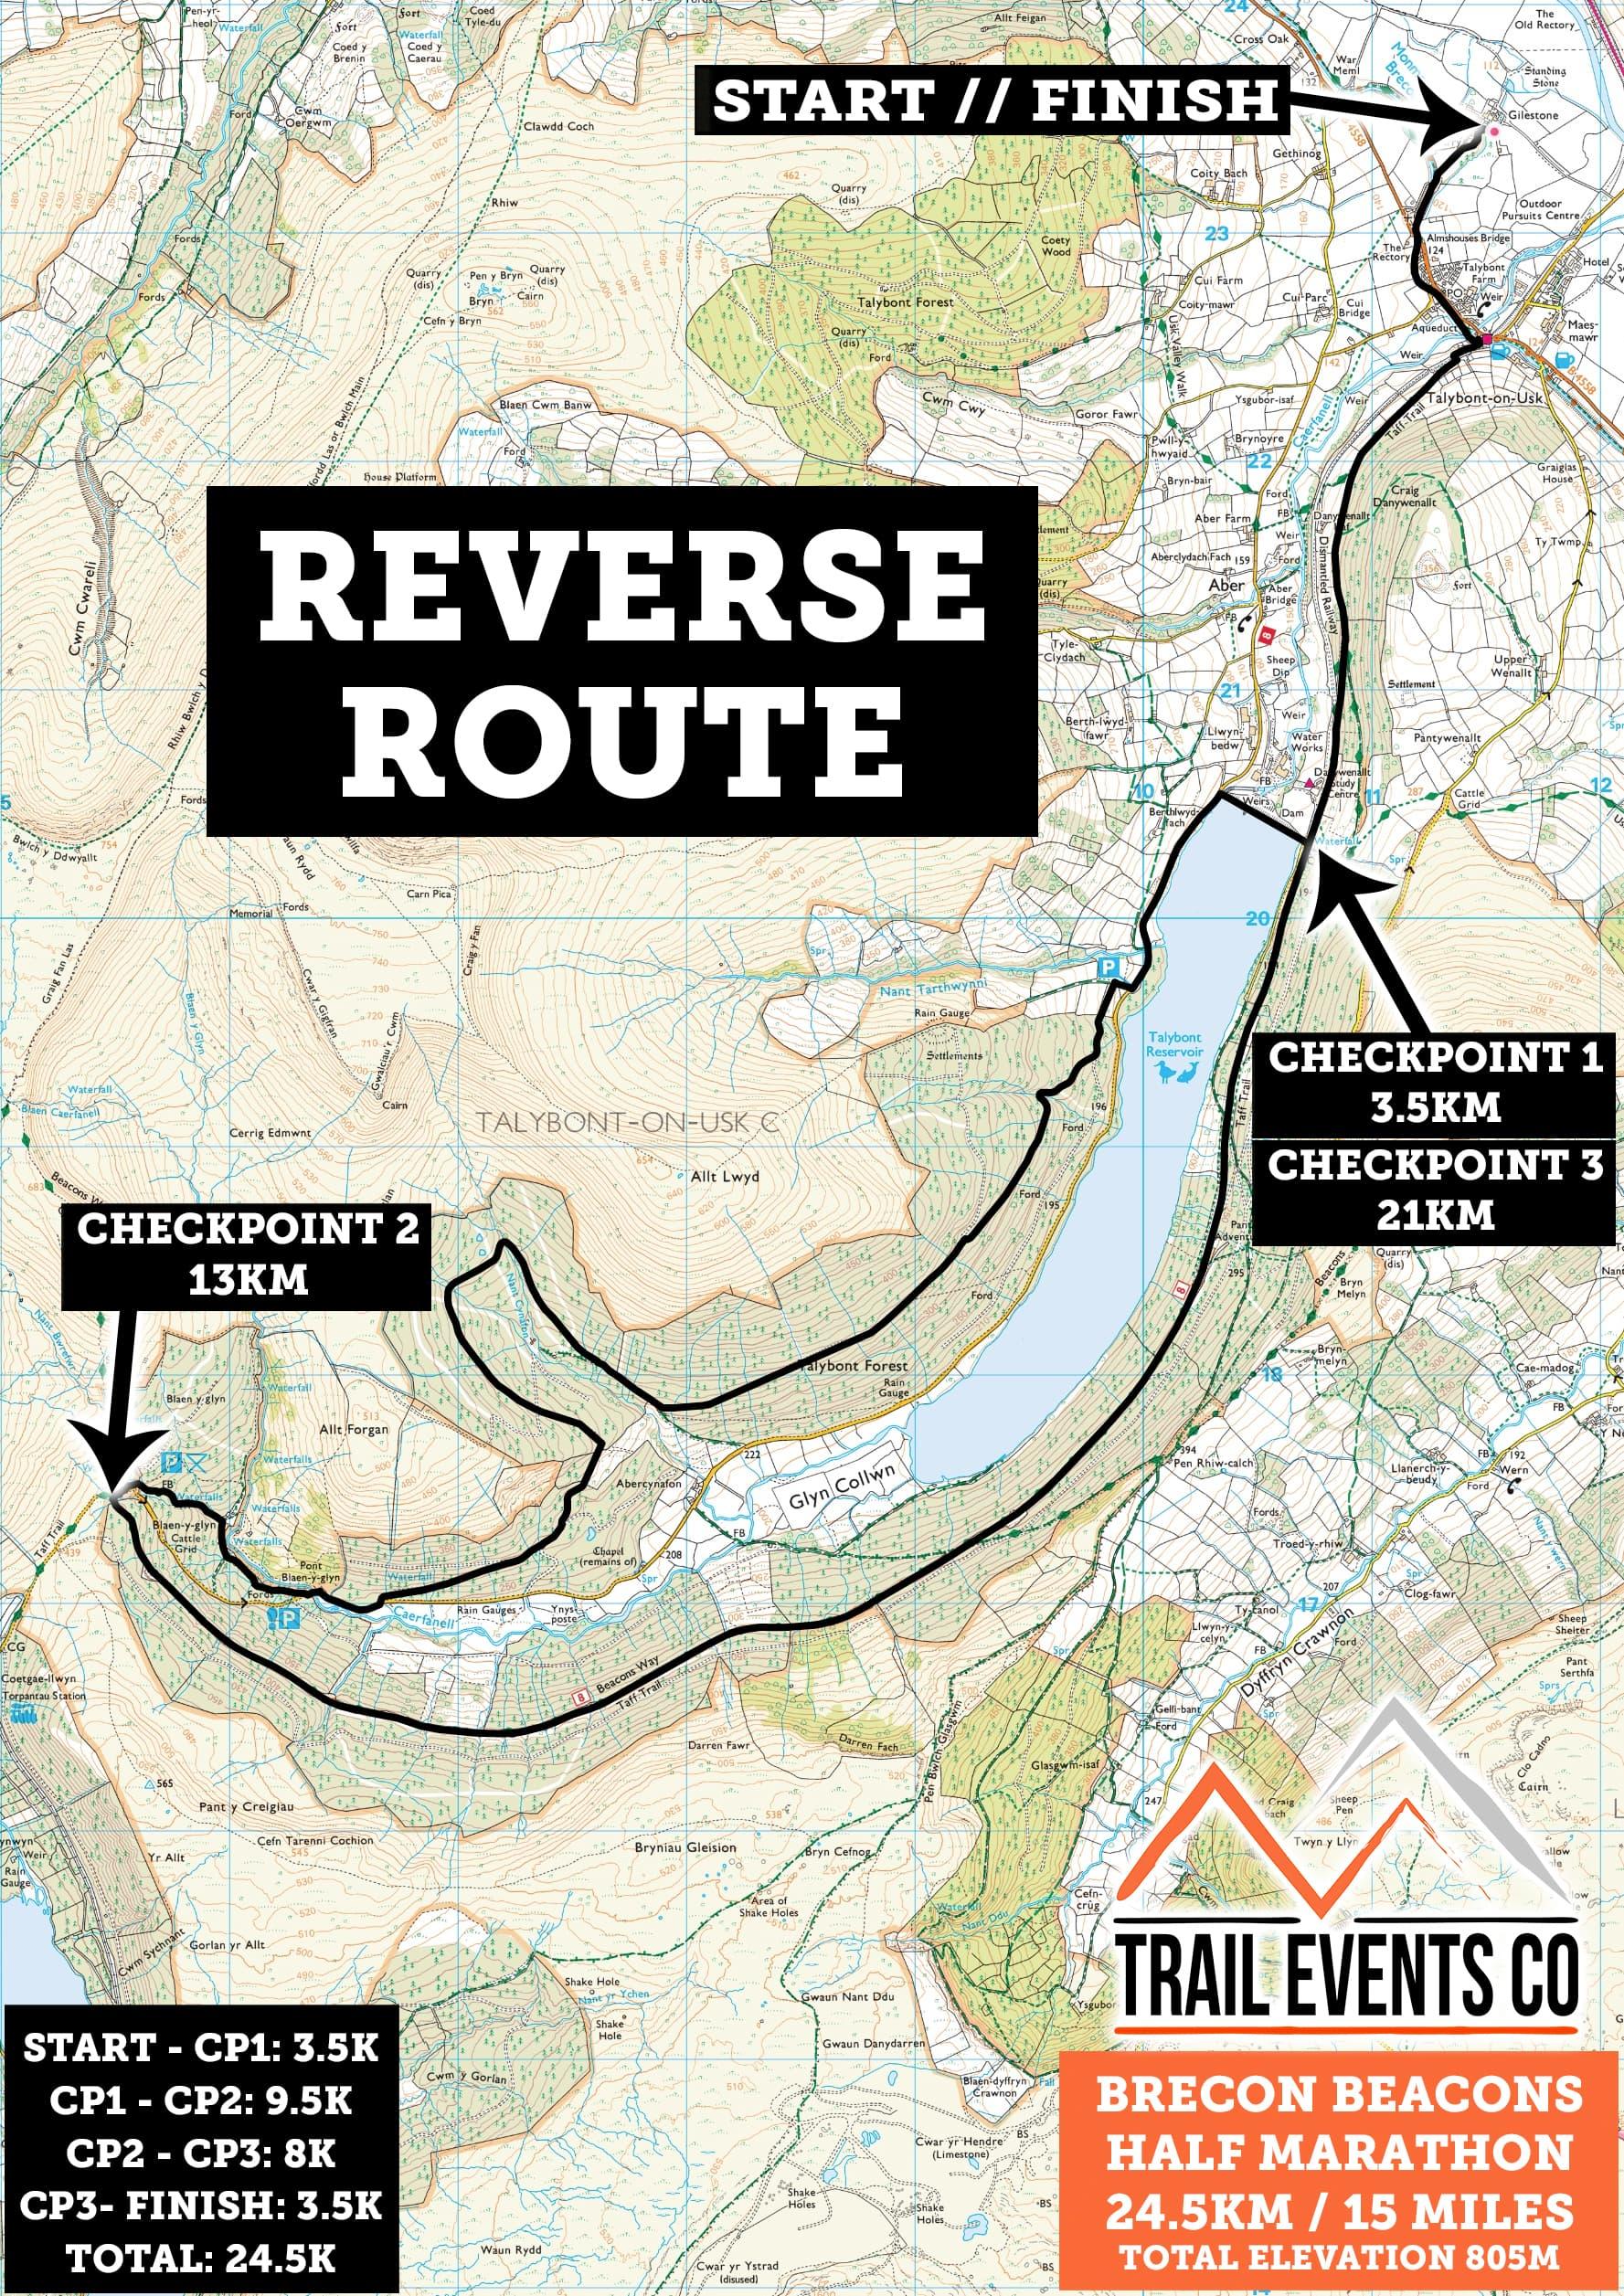 Brecon Beacons Half Marathon